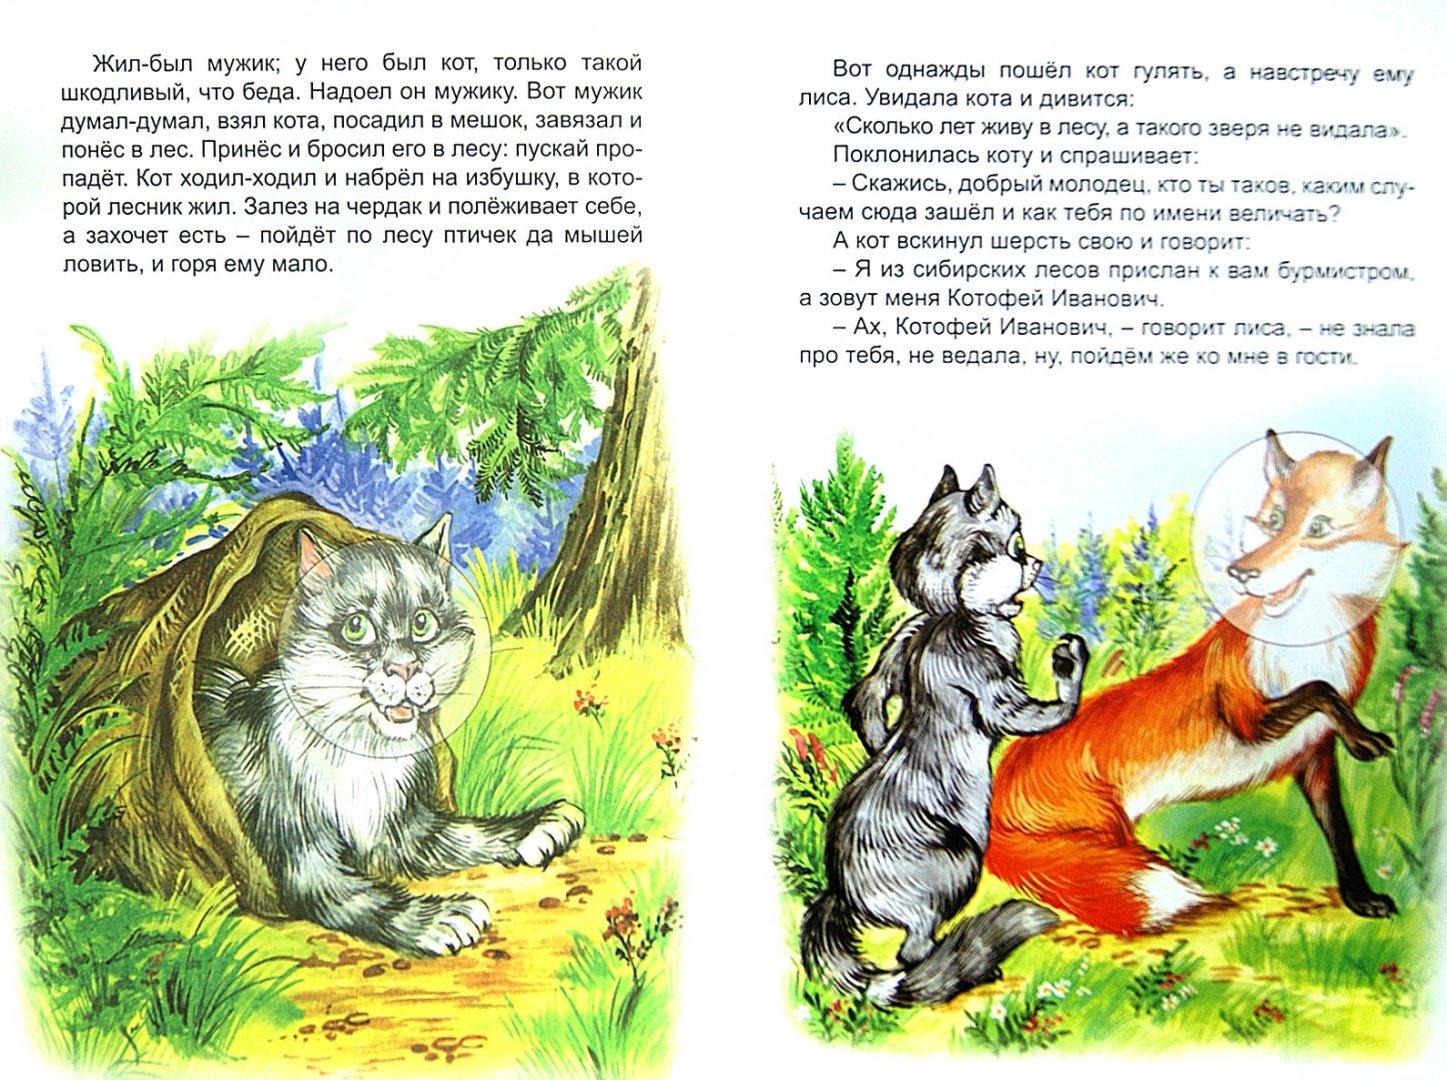 Иллюстрация 1 из 10 для Кот и лиса | Лабиринт - книги. Источник: Лабиринт